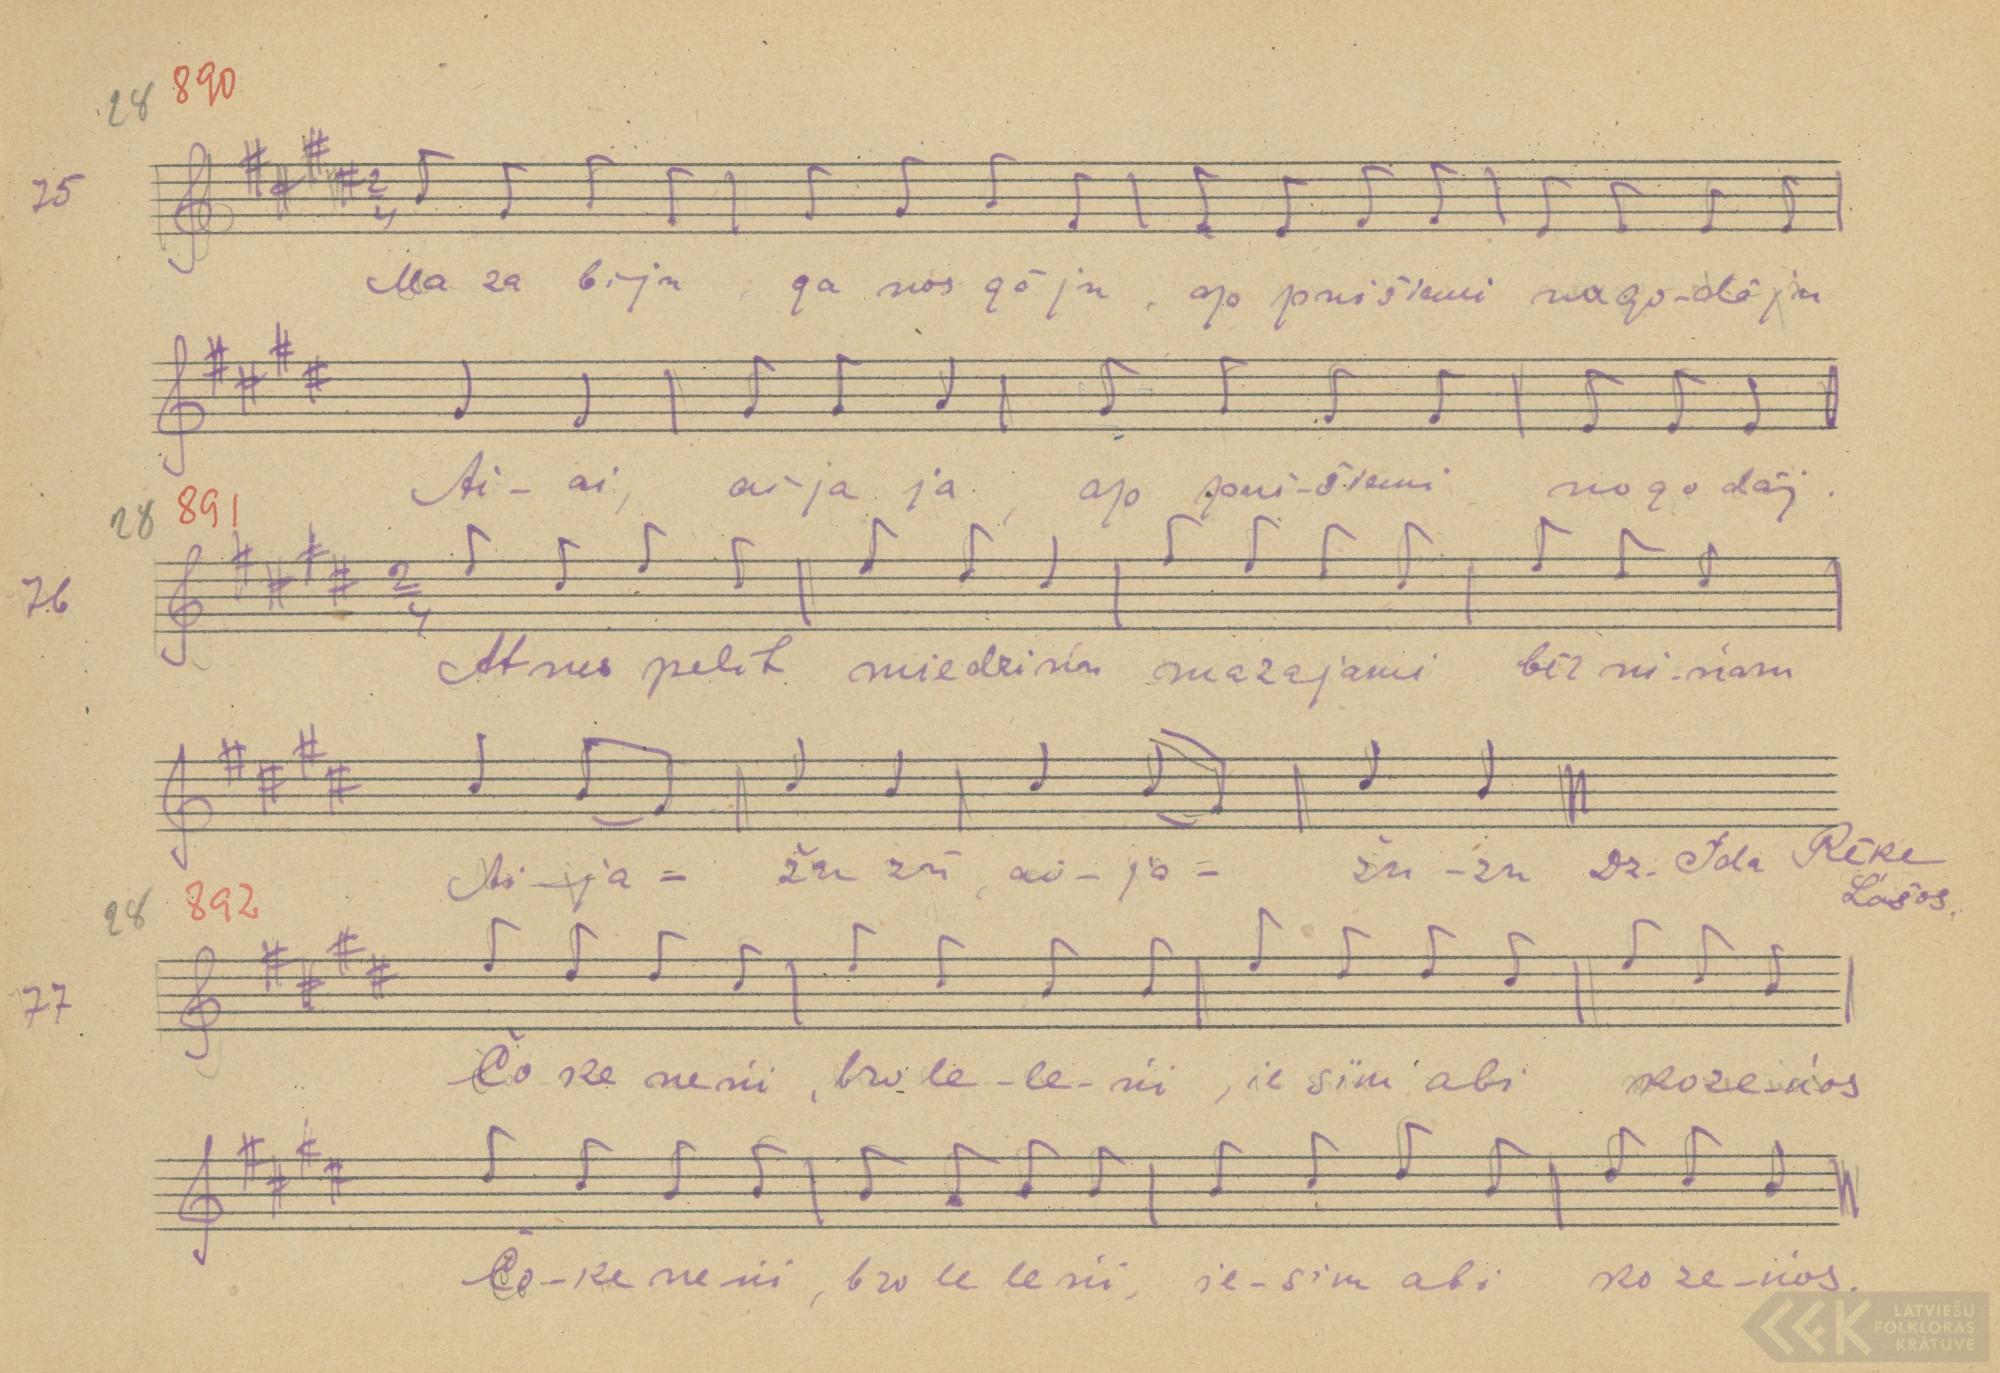 Čokoneni bruoleleni, īsim obi kuozeņuos (1927)